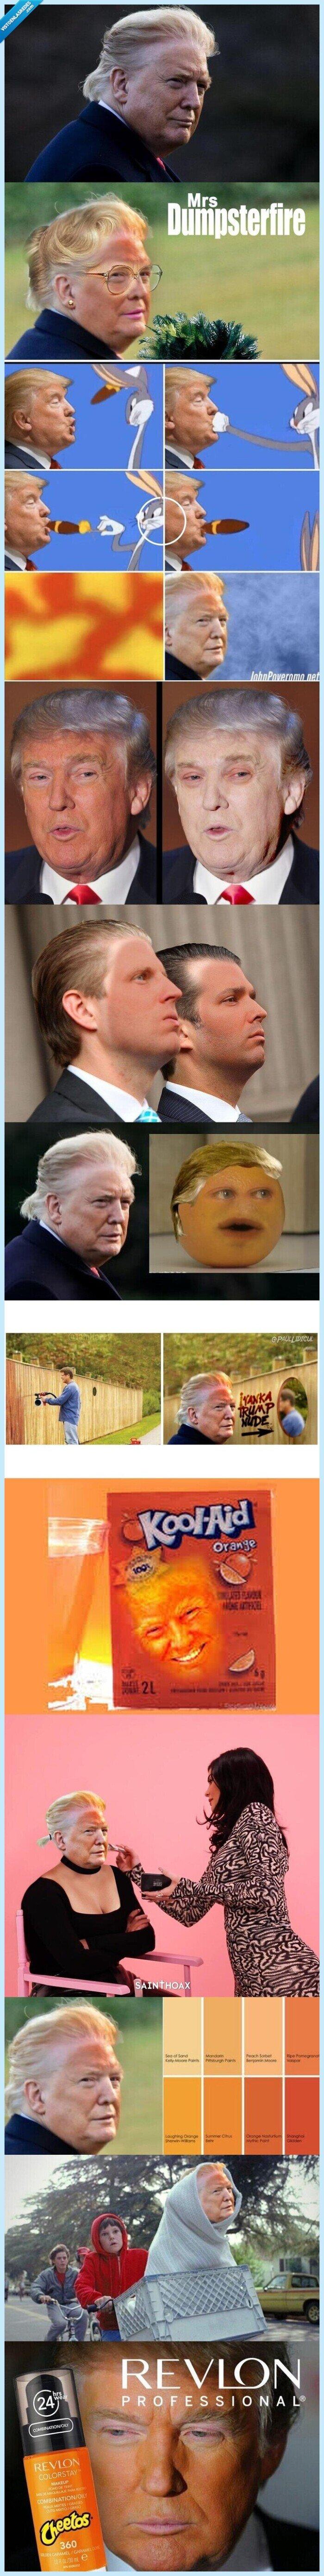 cara naranja,donald trump,memes,recopilación